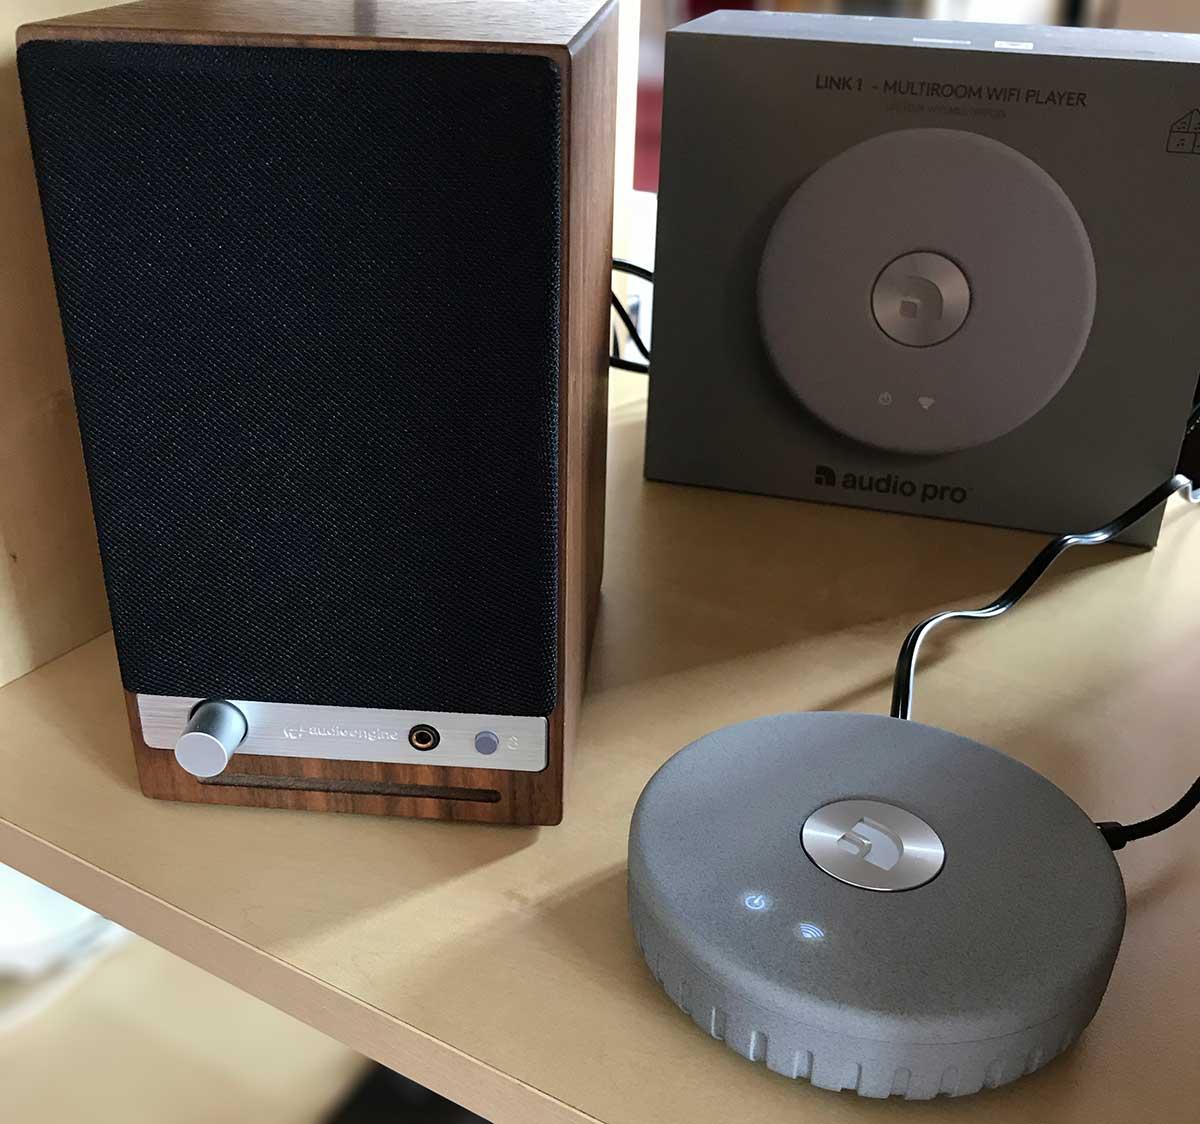 Quelle qualité pour l'écoute en WiFi et AirPlay sur la chaine HiFi avec l'Audio Pro Link 1